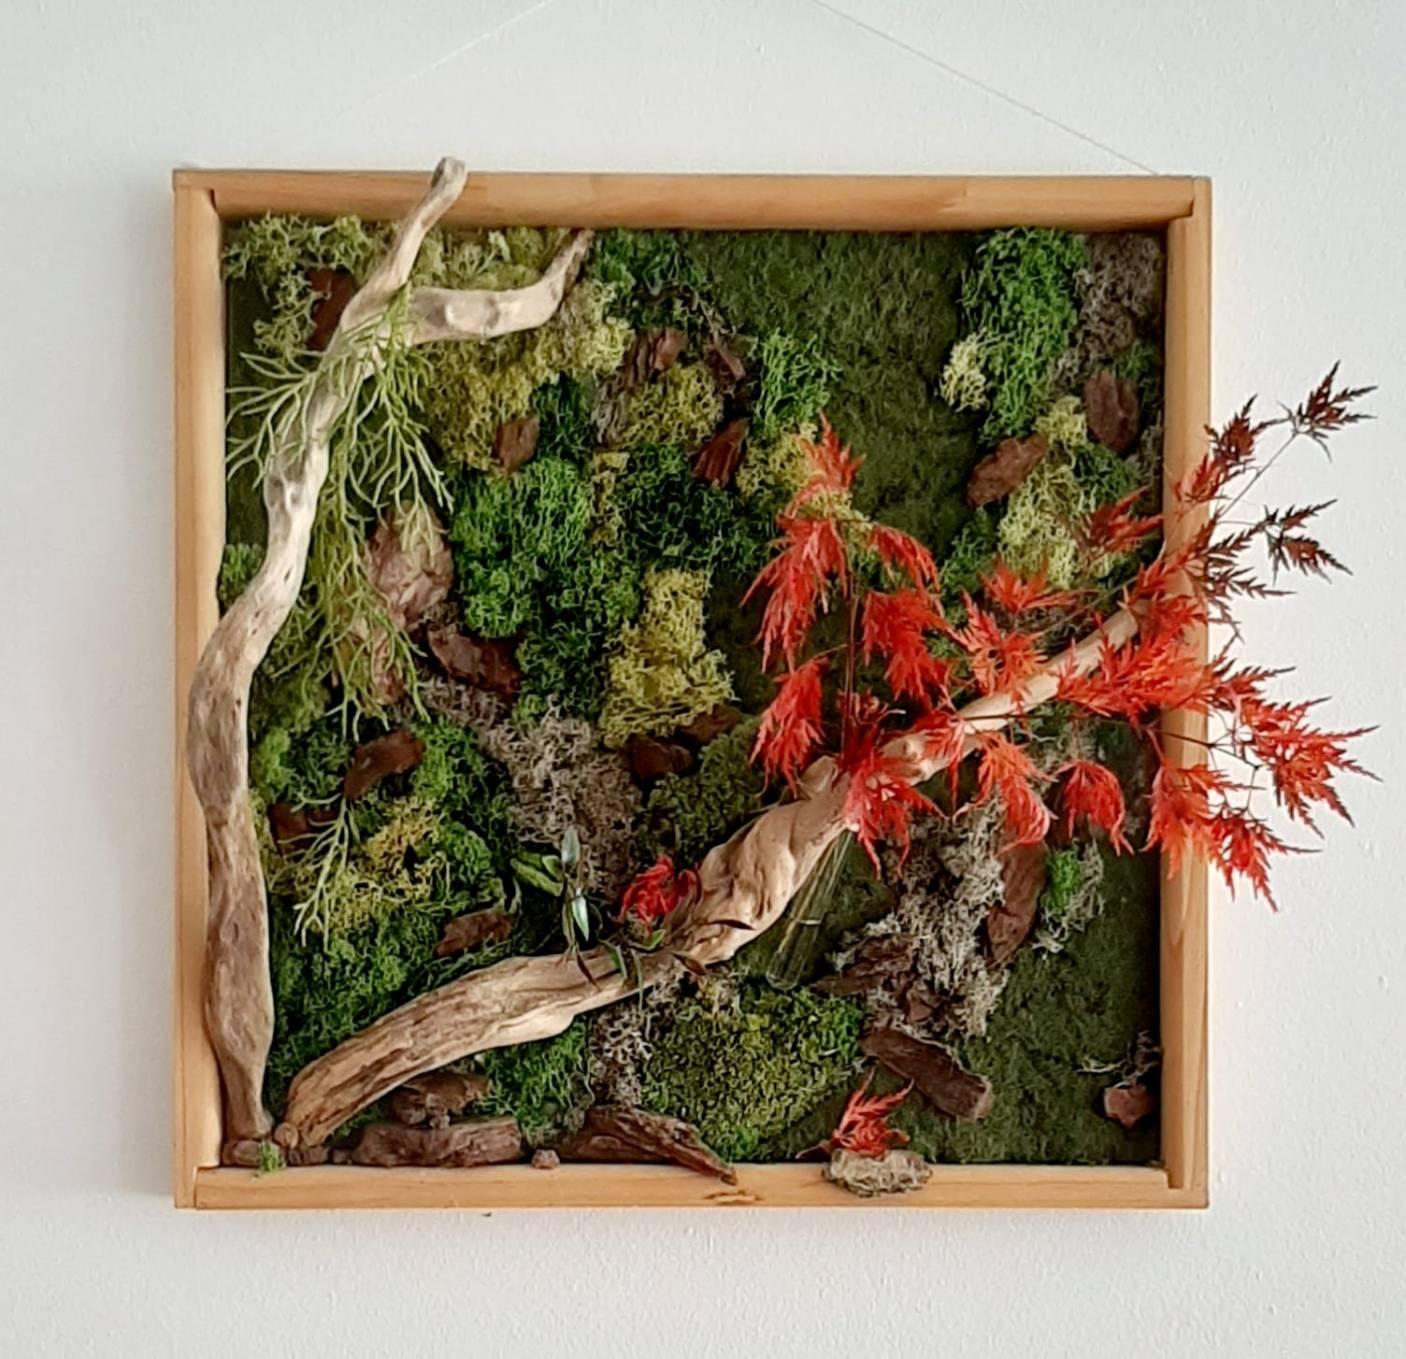 Cercis, estructuras, vegetales,arte,floral,vegetal,kunst,instalation,belenartspace